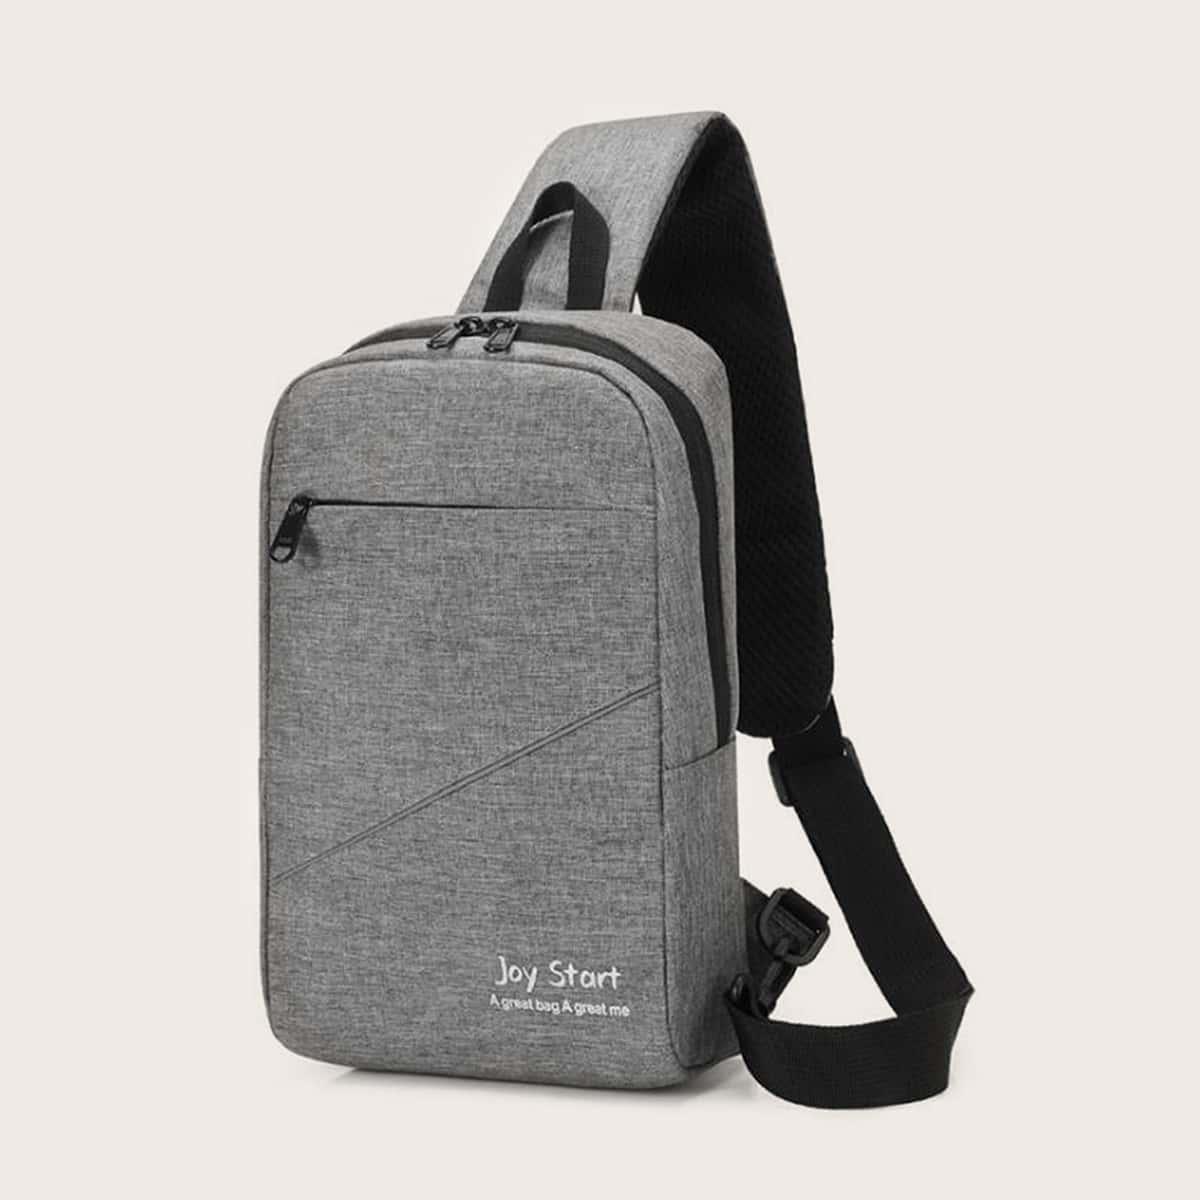 Minimalistische heren sling bag met rits